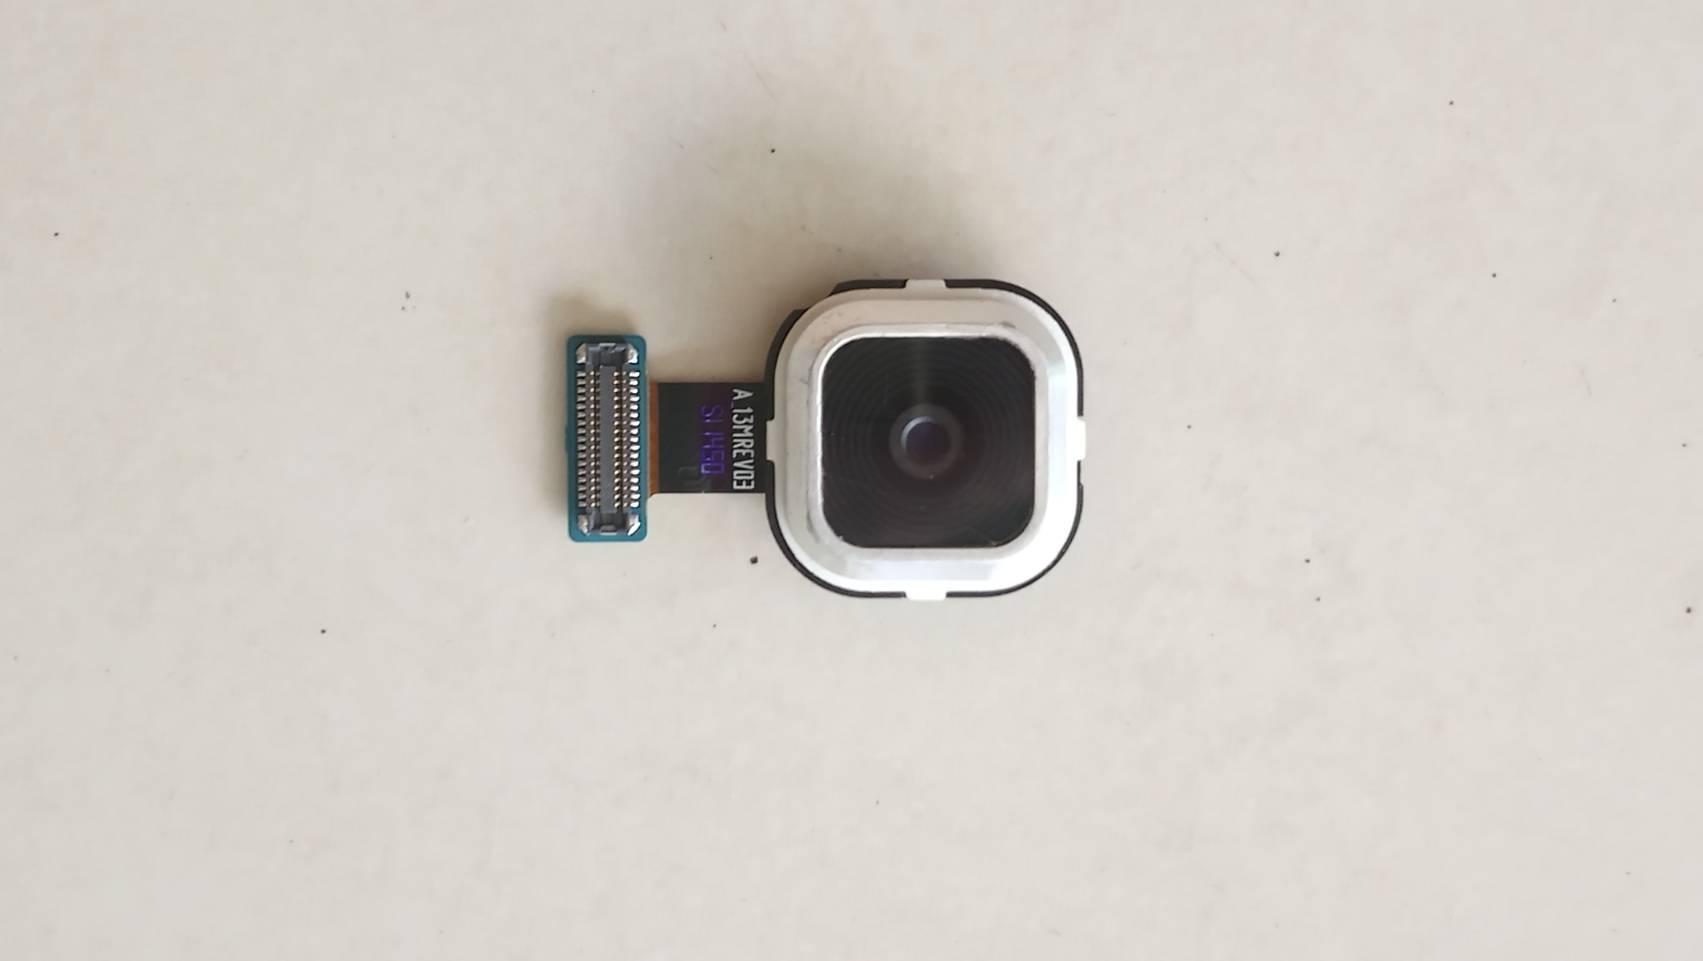 กล้องหลังแท้ SAMSUNG A7 (2015) / A700 มือสอง